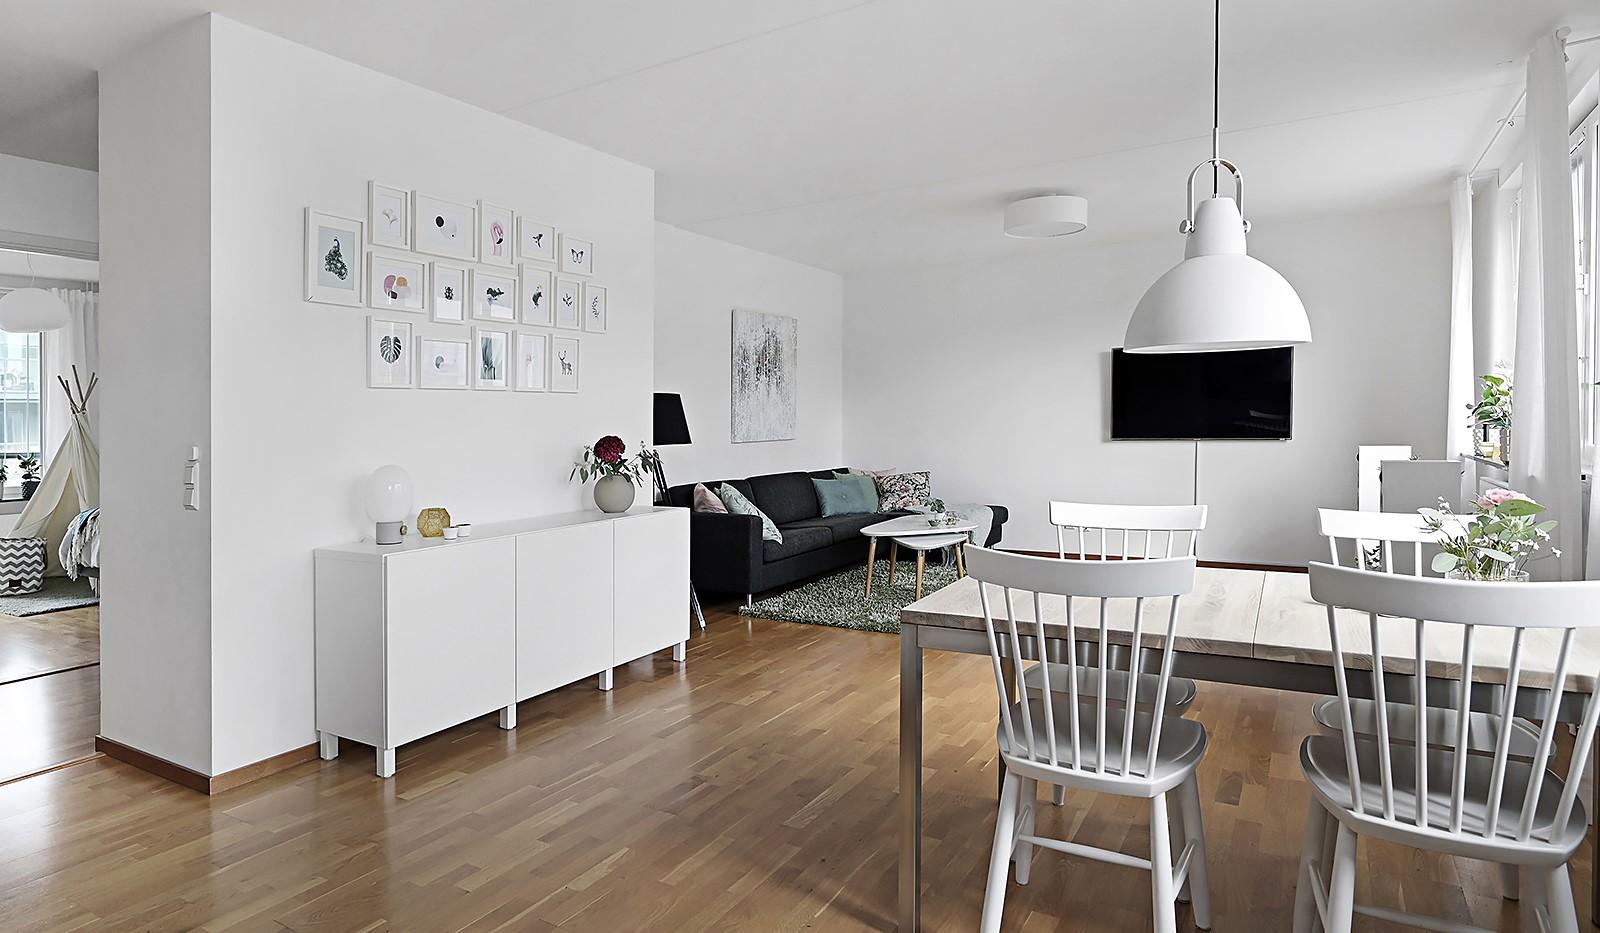 Grönbrinksgatan 8, 6 tr - I vardagsrummet ryms en ordentlig soffa och matplats